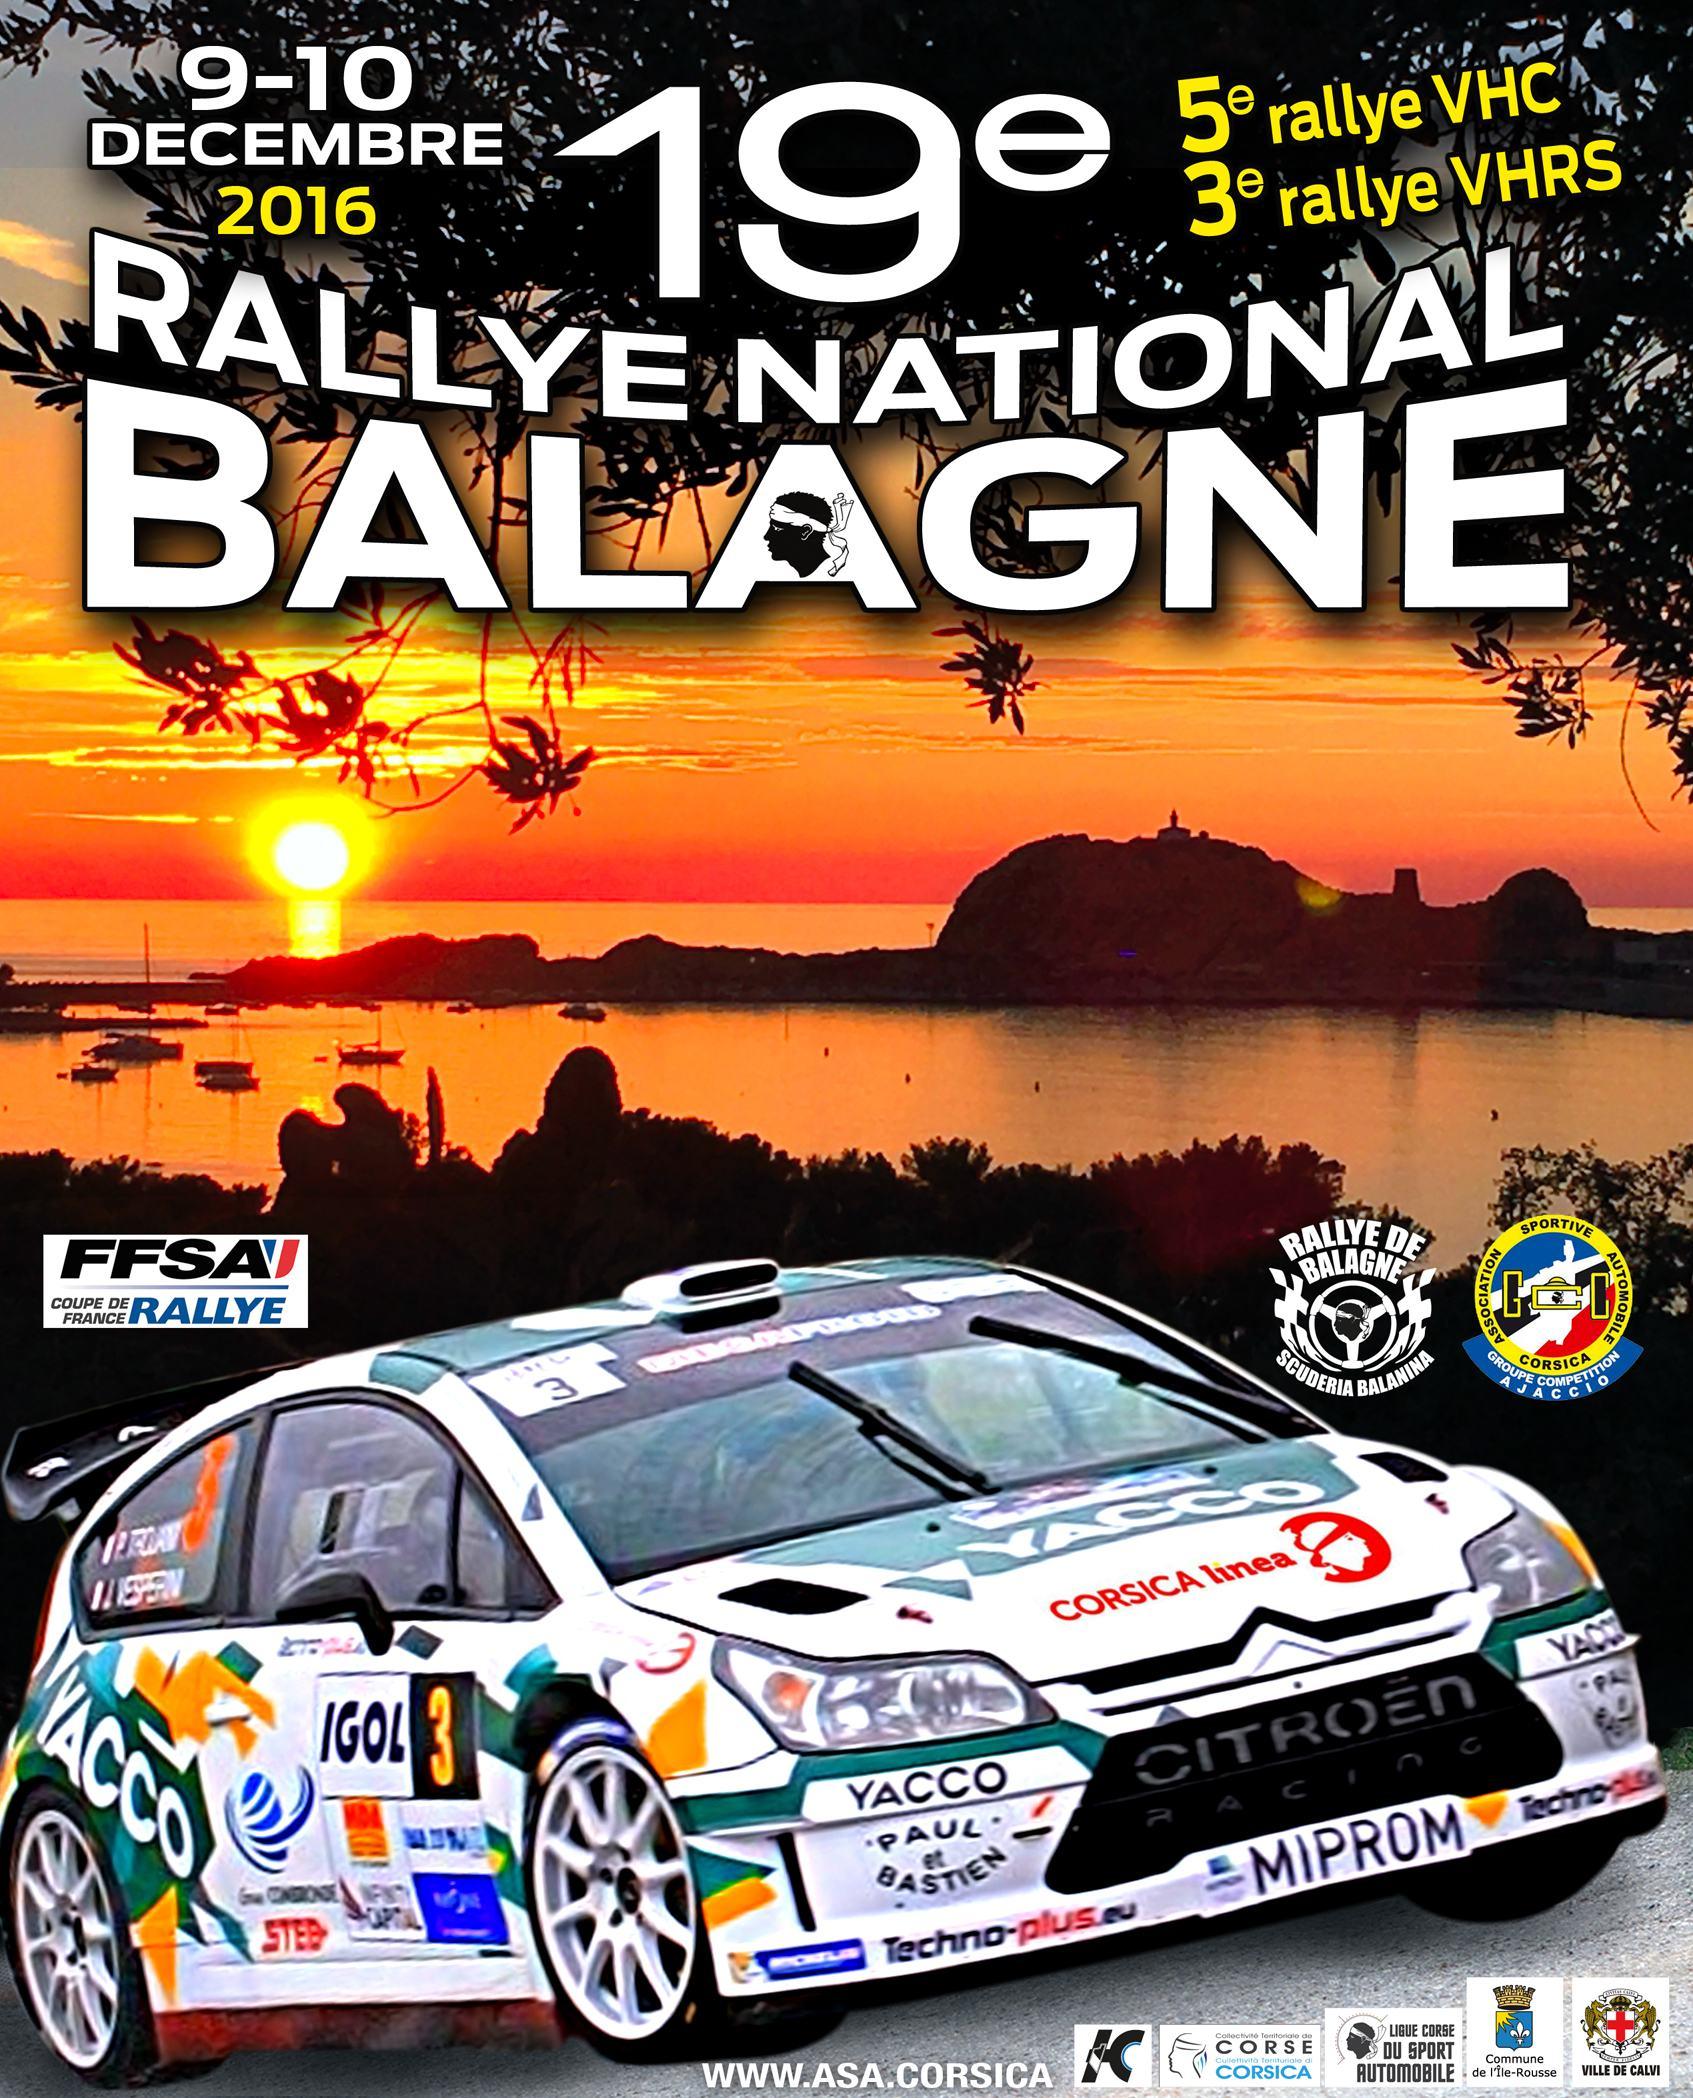 Liste-des-engages-Rallye-de-Balagne-2016